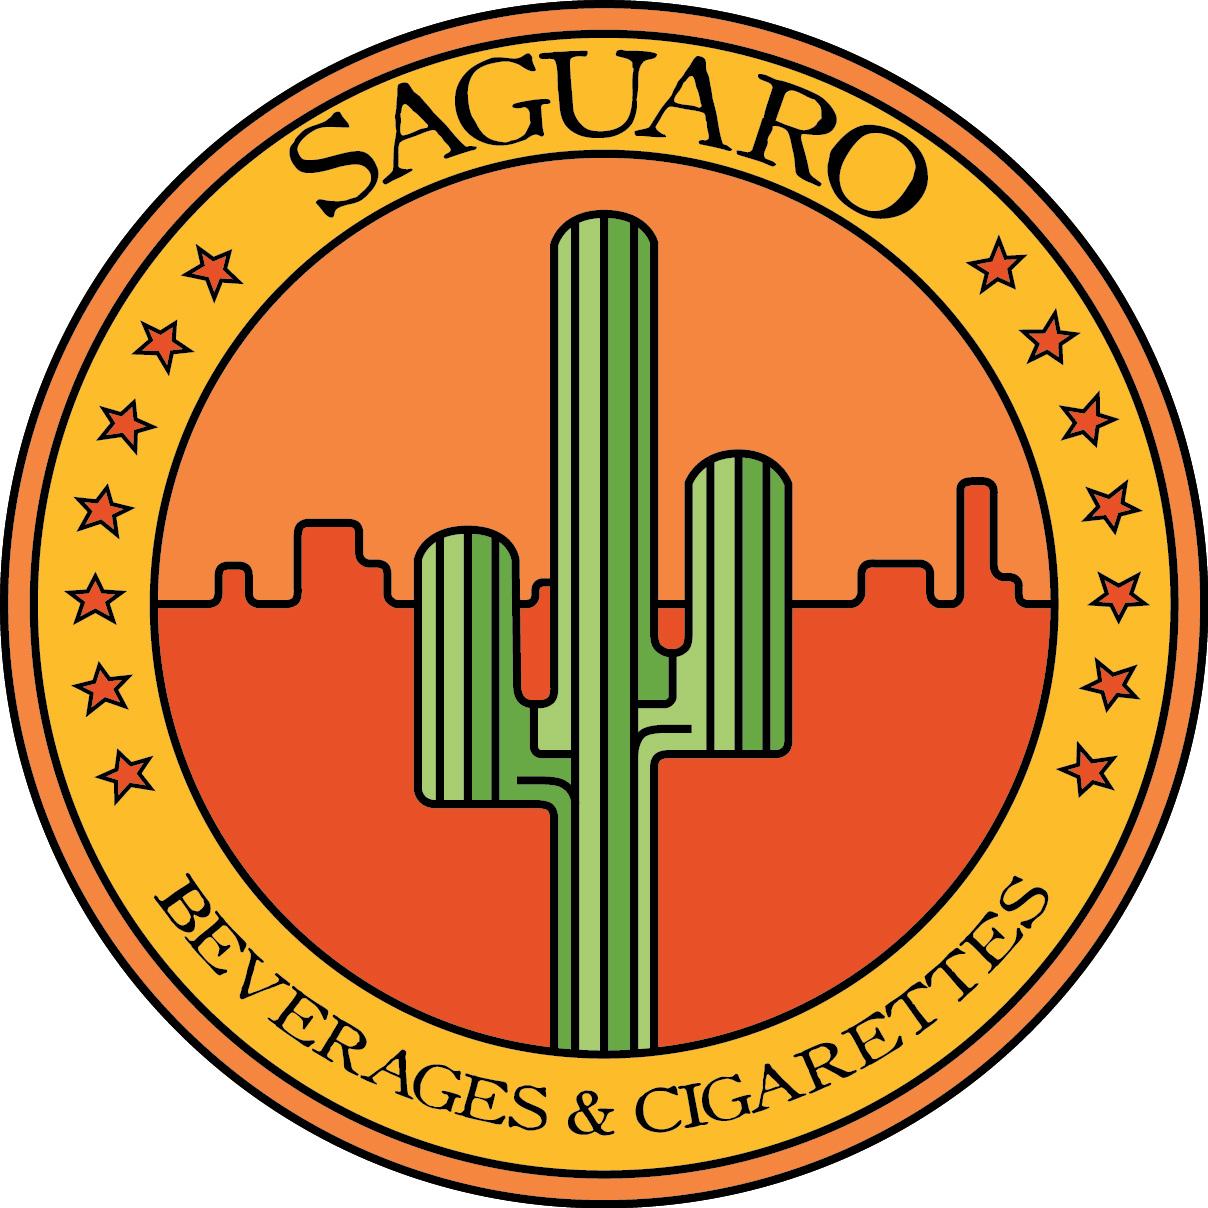 A saguaro, the brand's flagship image.